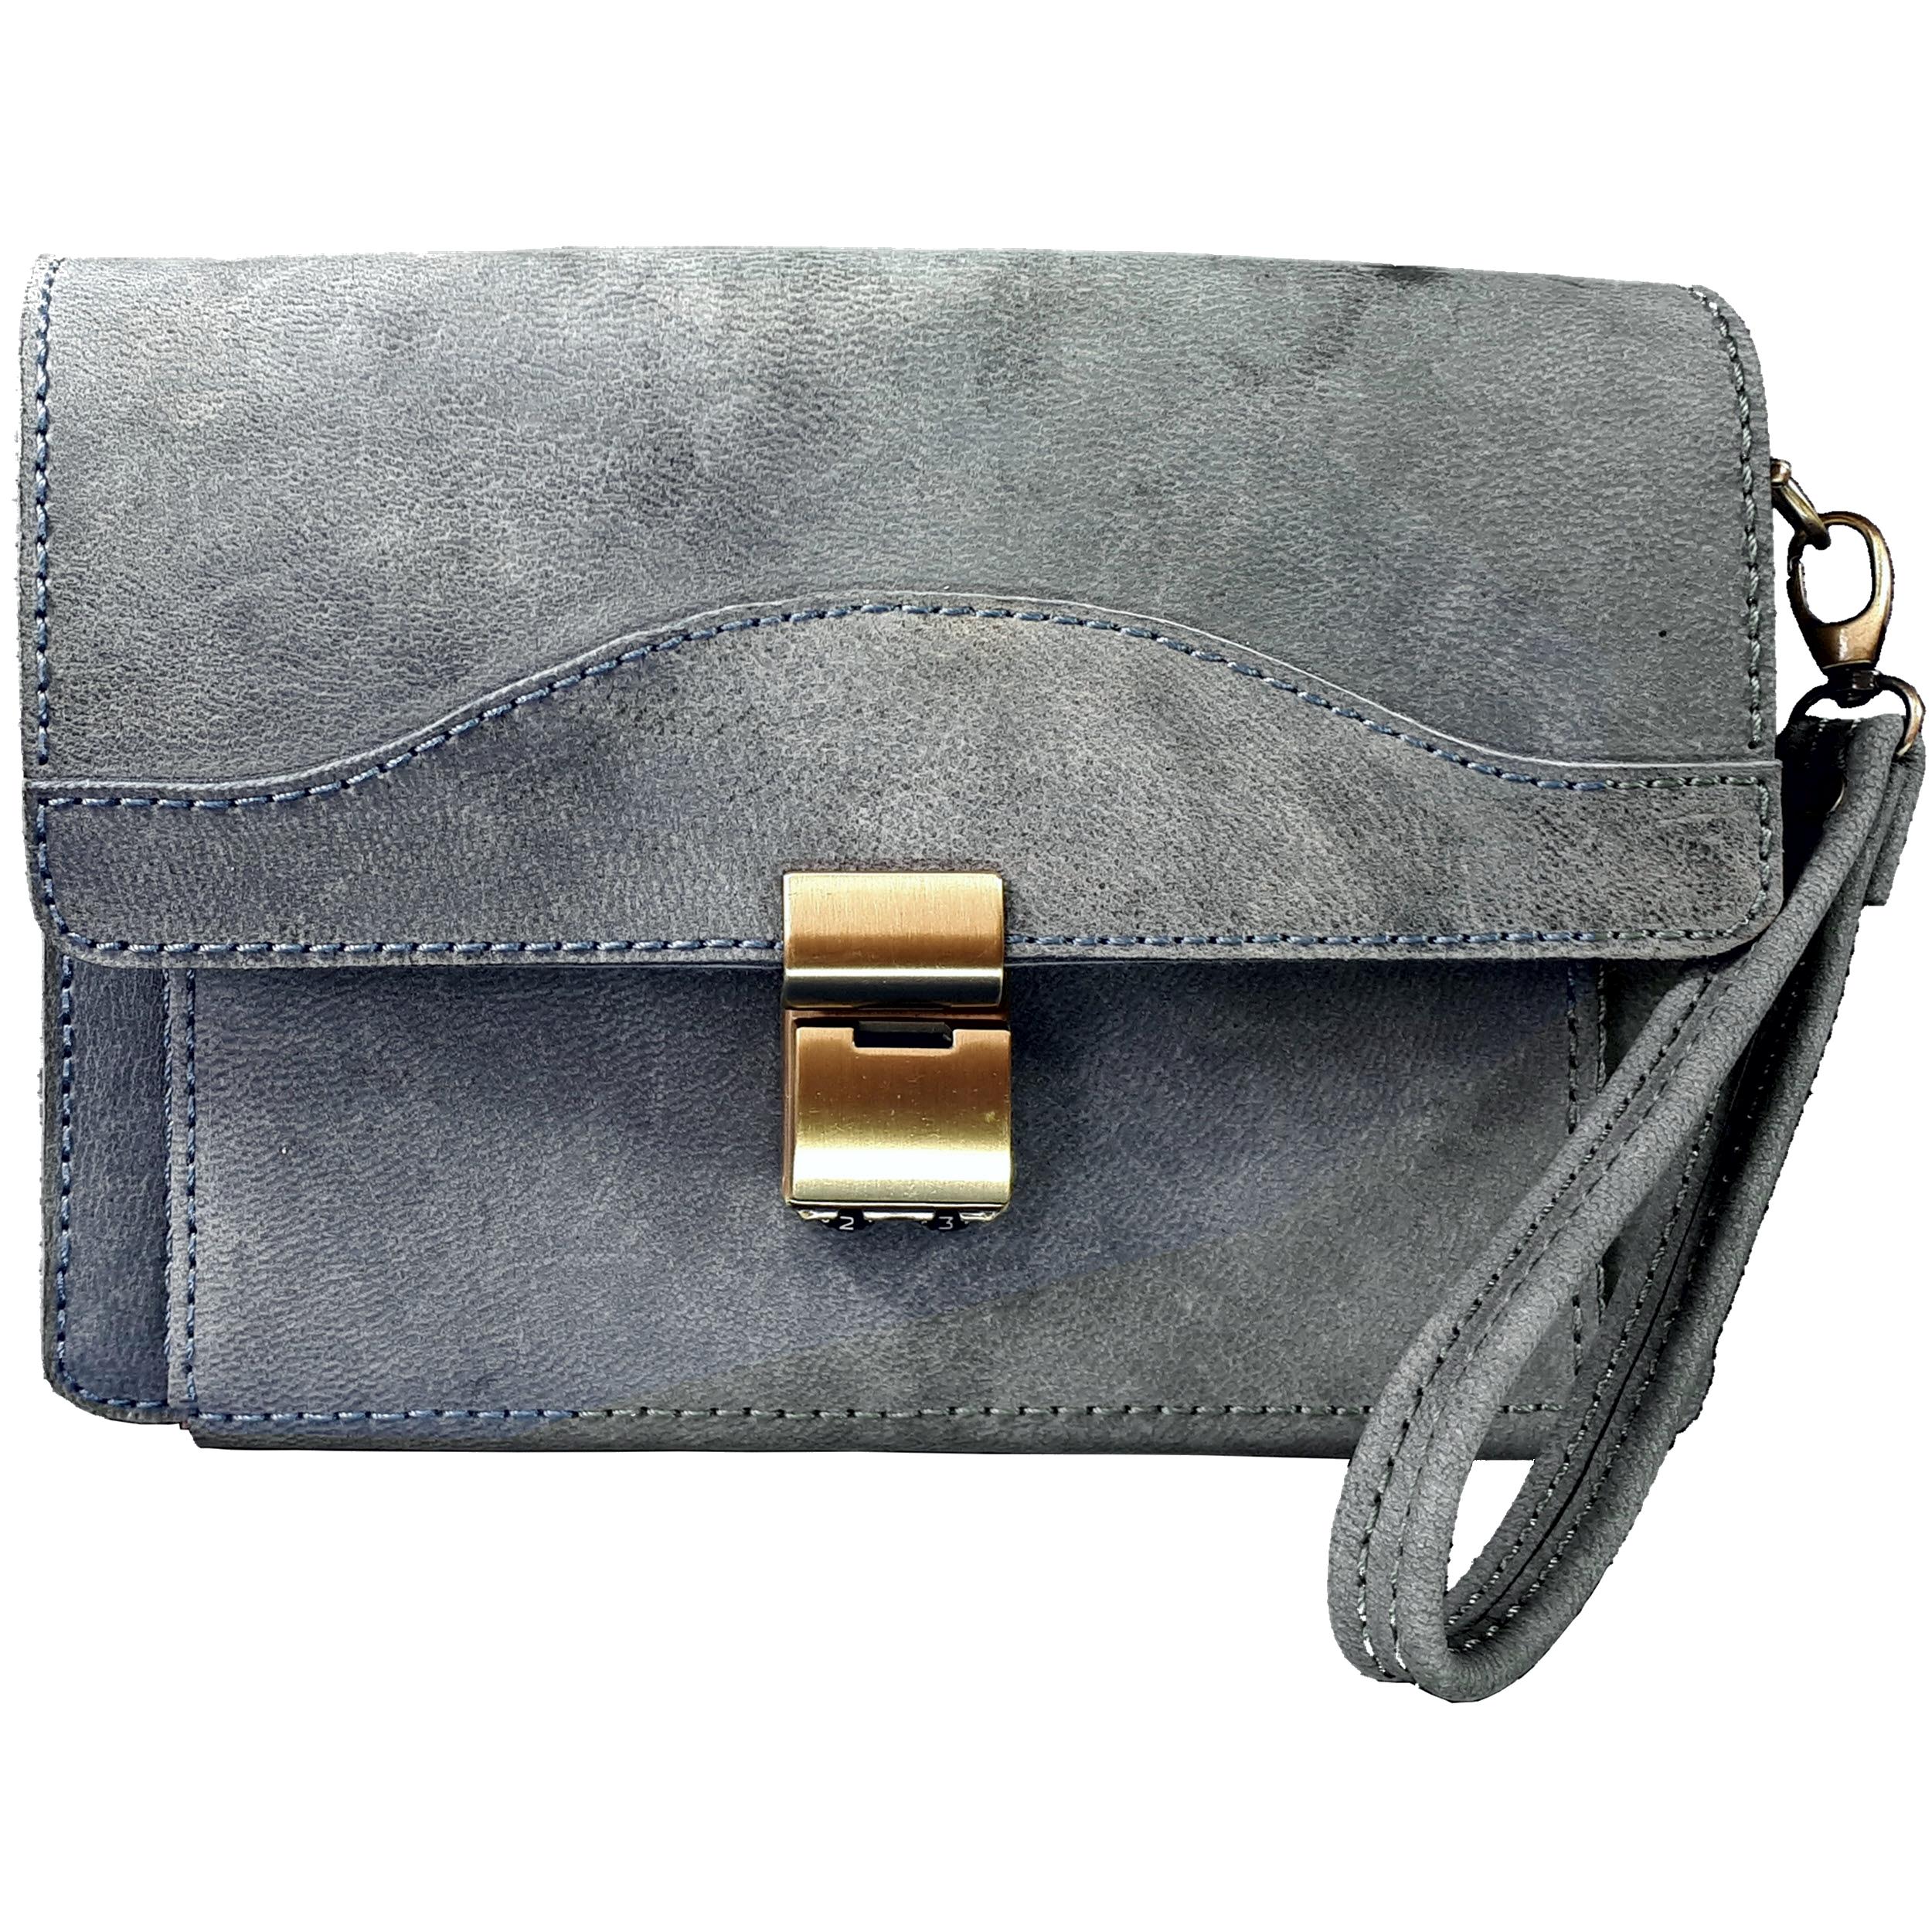 کیف چرمی هوداد چرم مدل BAI001